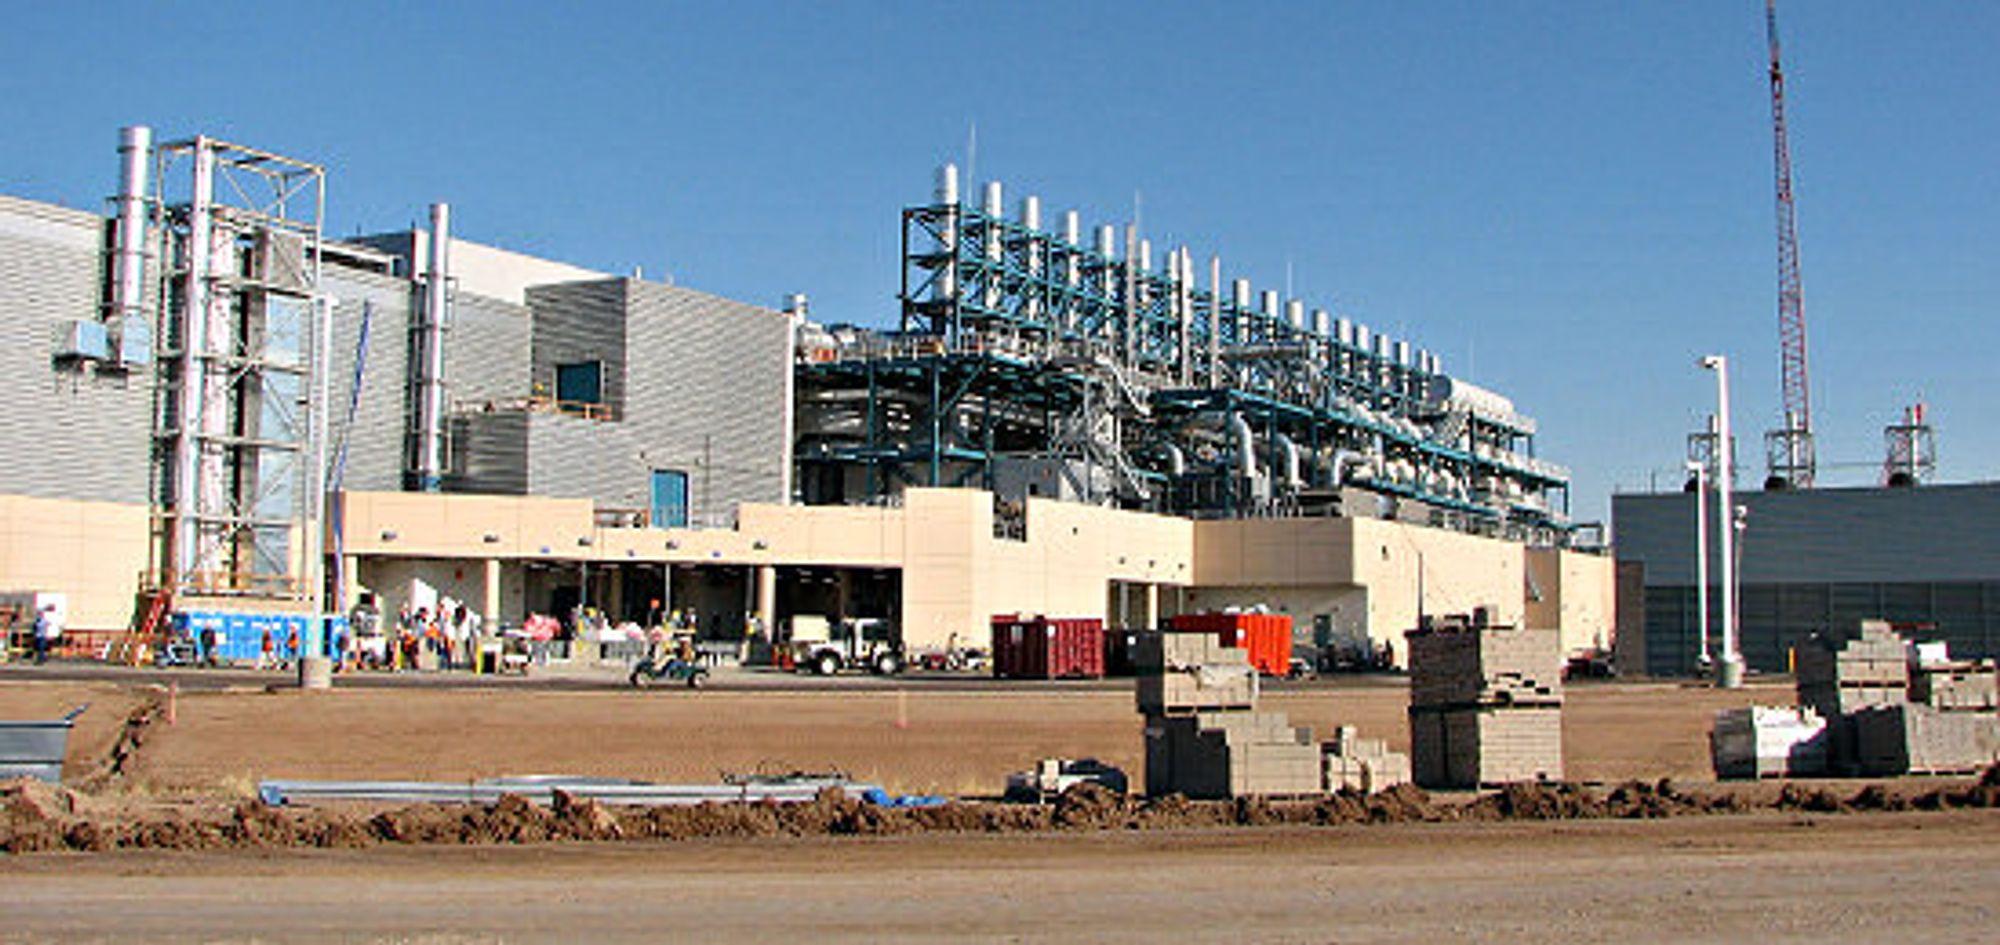 Intels Fab 32 i Arizona, en av tre Intel-fabrikker som skal produsere på 45 nm